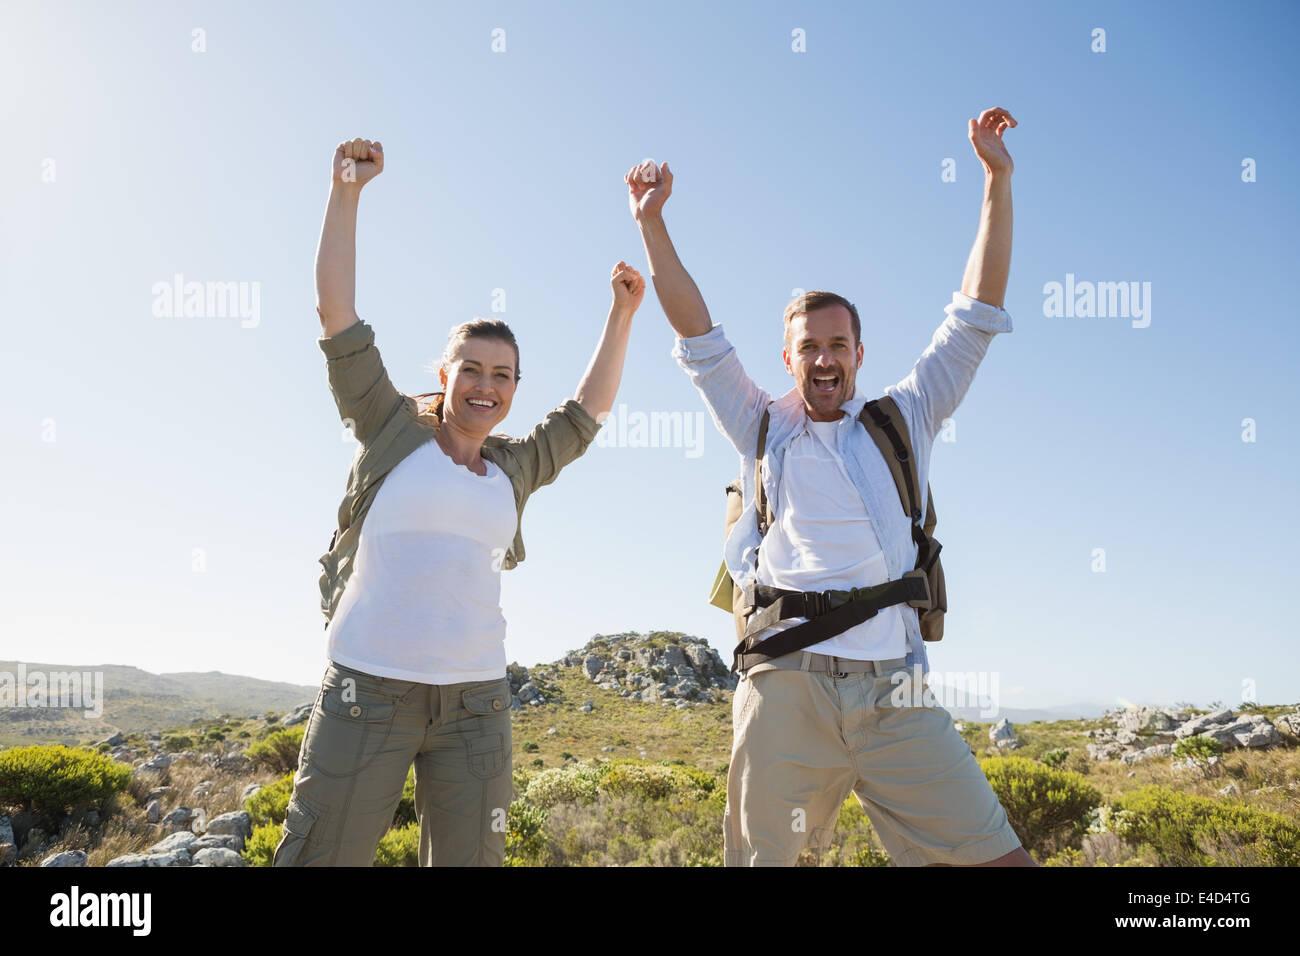 Senderismo par vitoreando en cámara en terreno montañoso Imagen De Stock